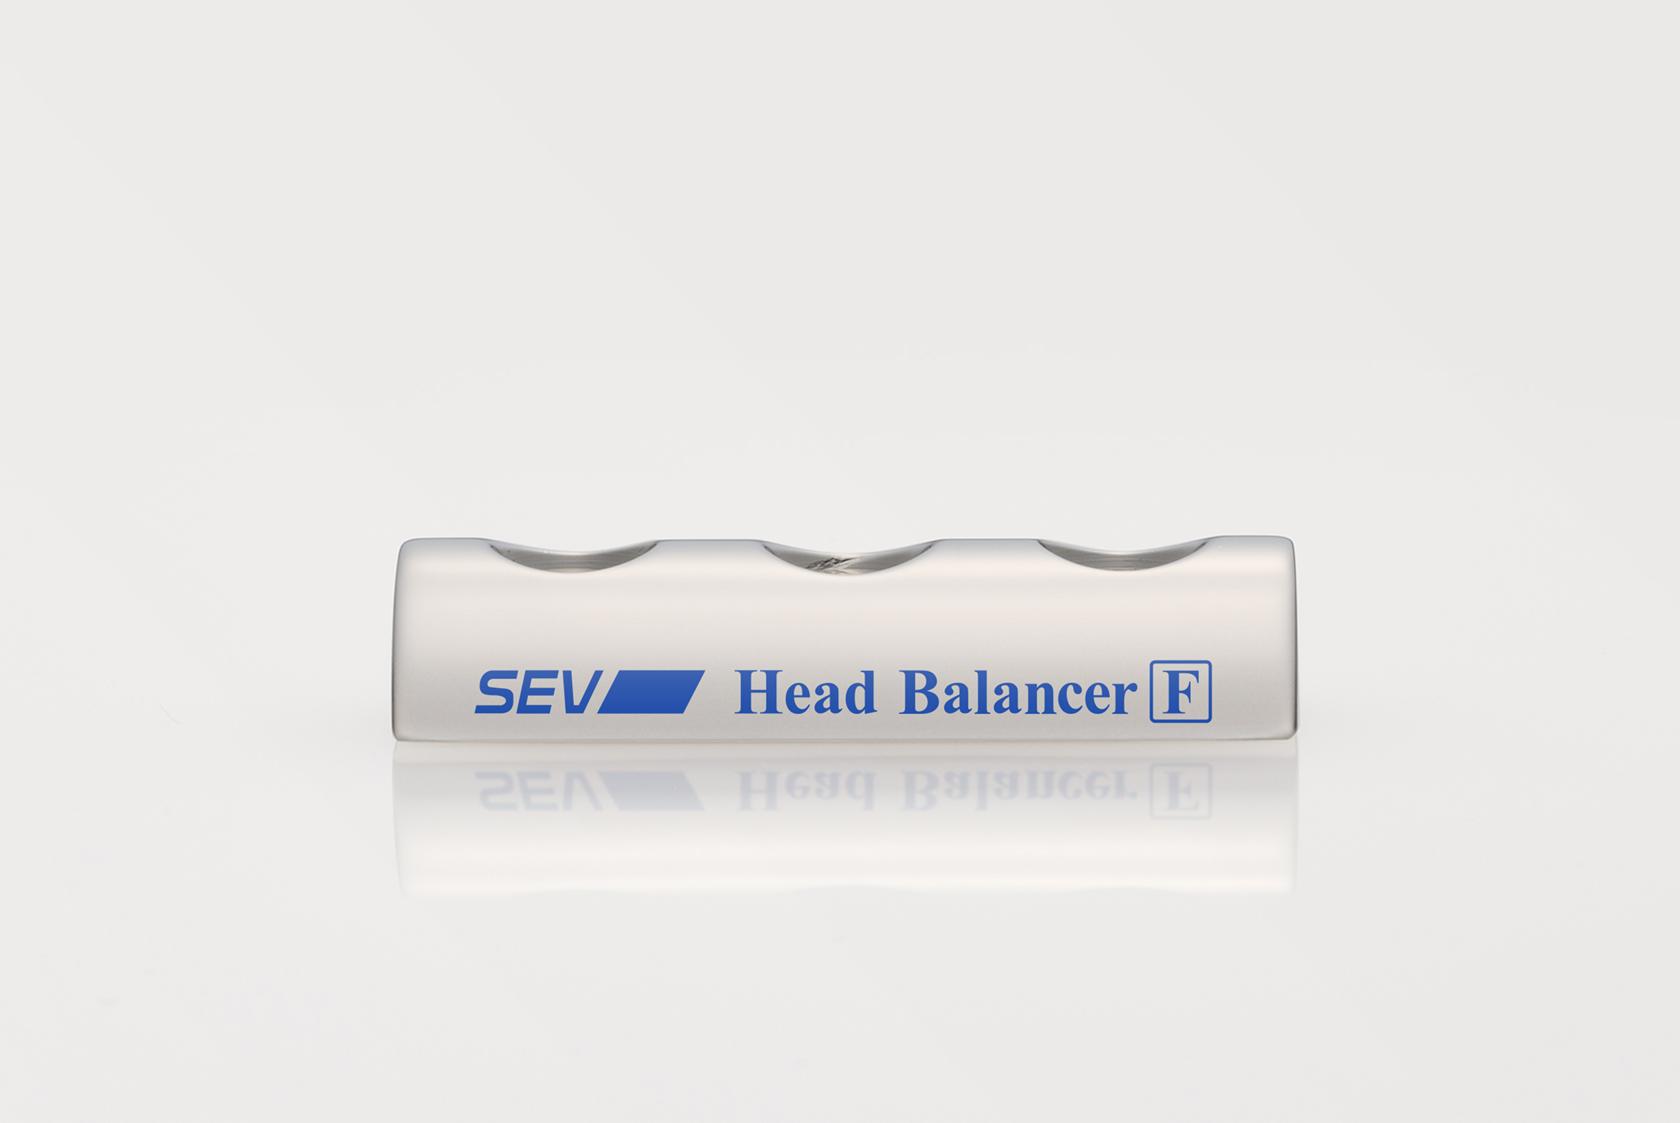 【自動車用】SEV セブヘッドバランサーF 初回限定商品 (本体2個入り)